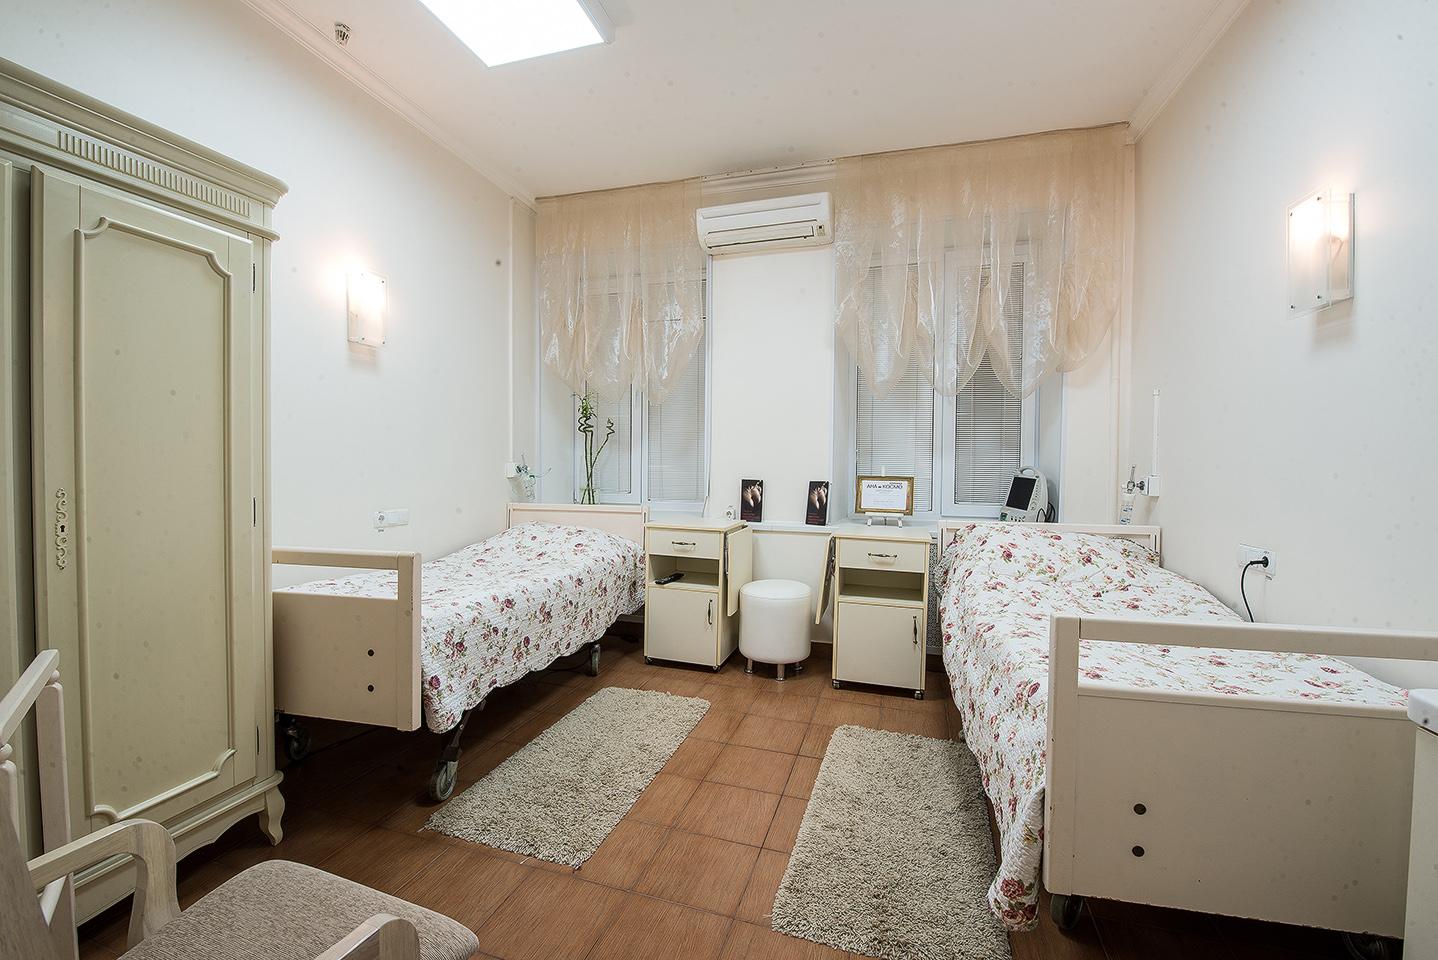 Уютнаядвухместная палата клиникиВ двухместной палате Вы будете очарованы заботой медицинского персонала